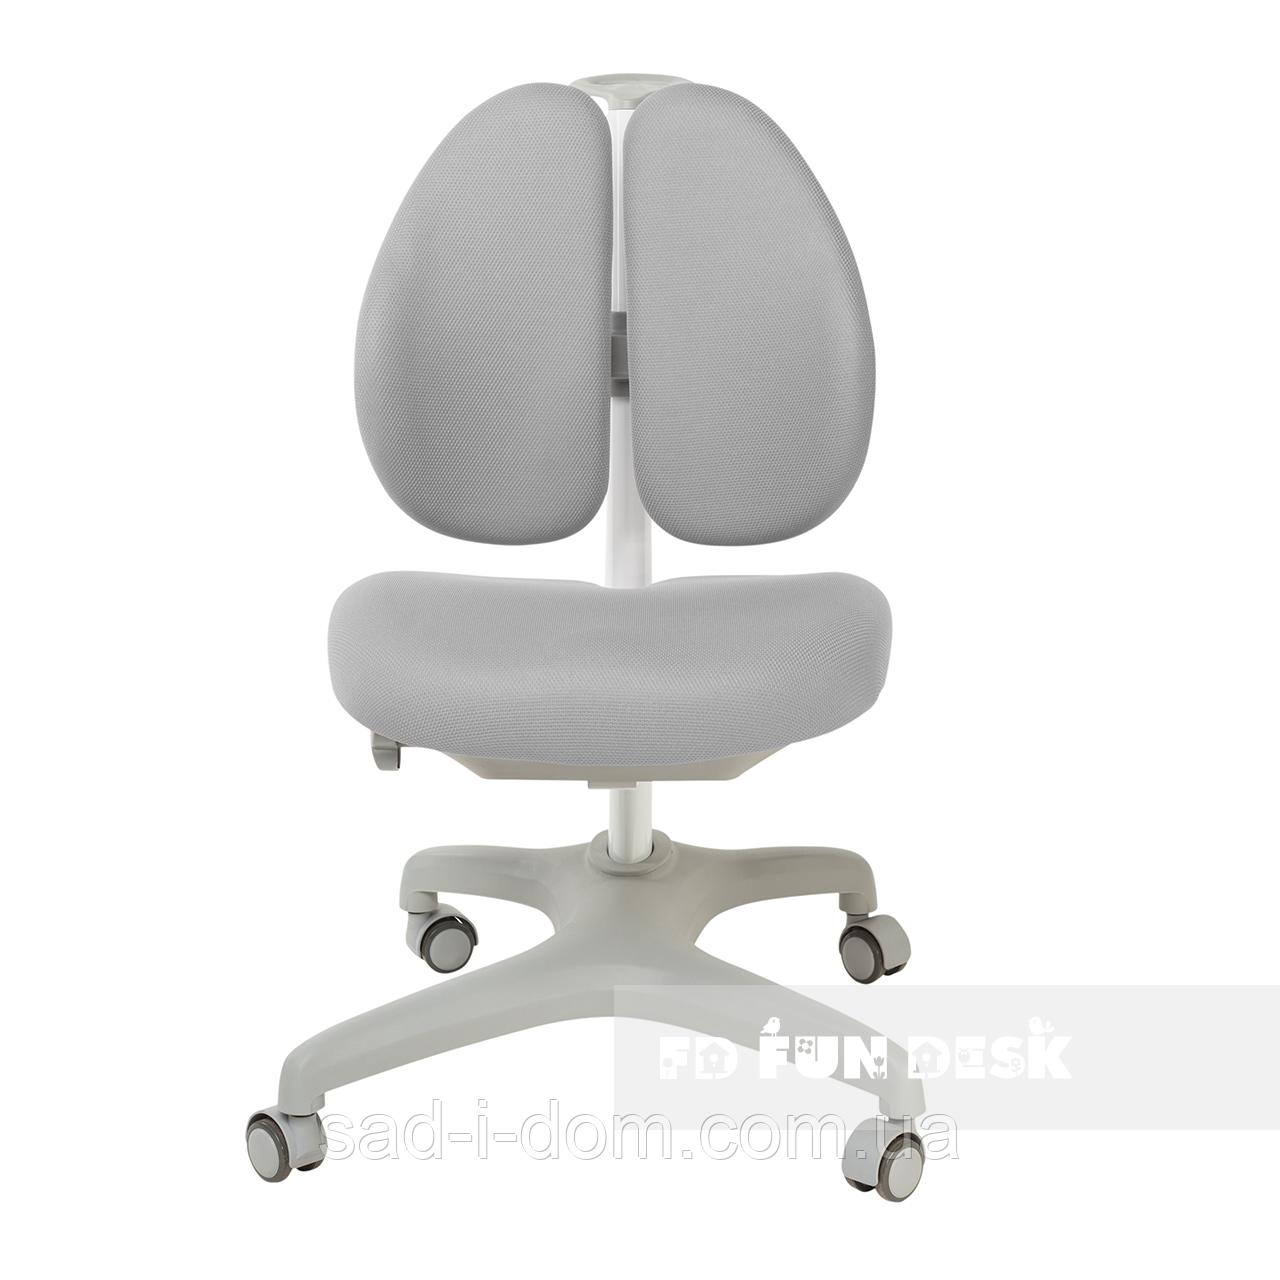 Детское компьютерное ортопедическое кресло  FunDesk Bello II, серое